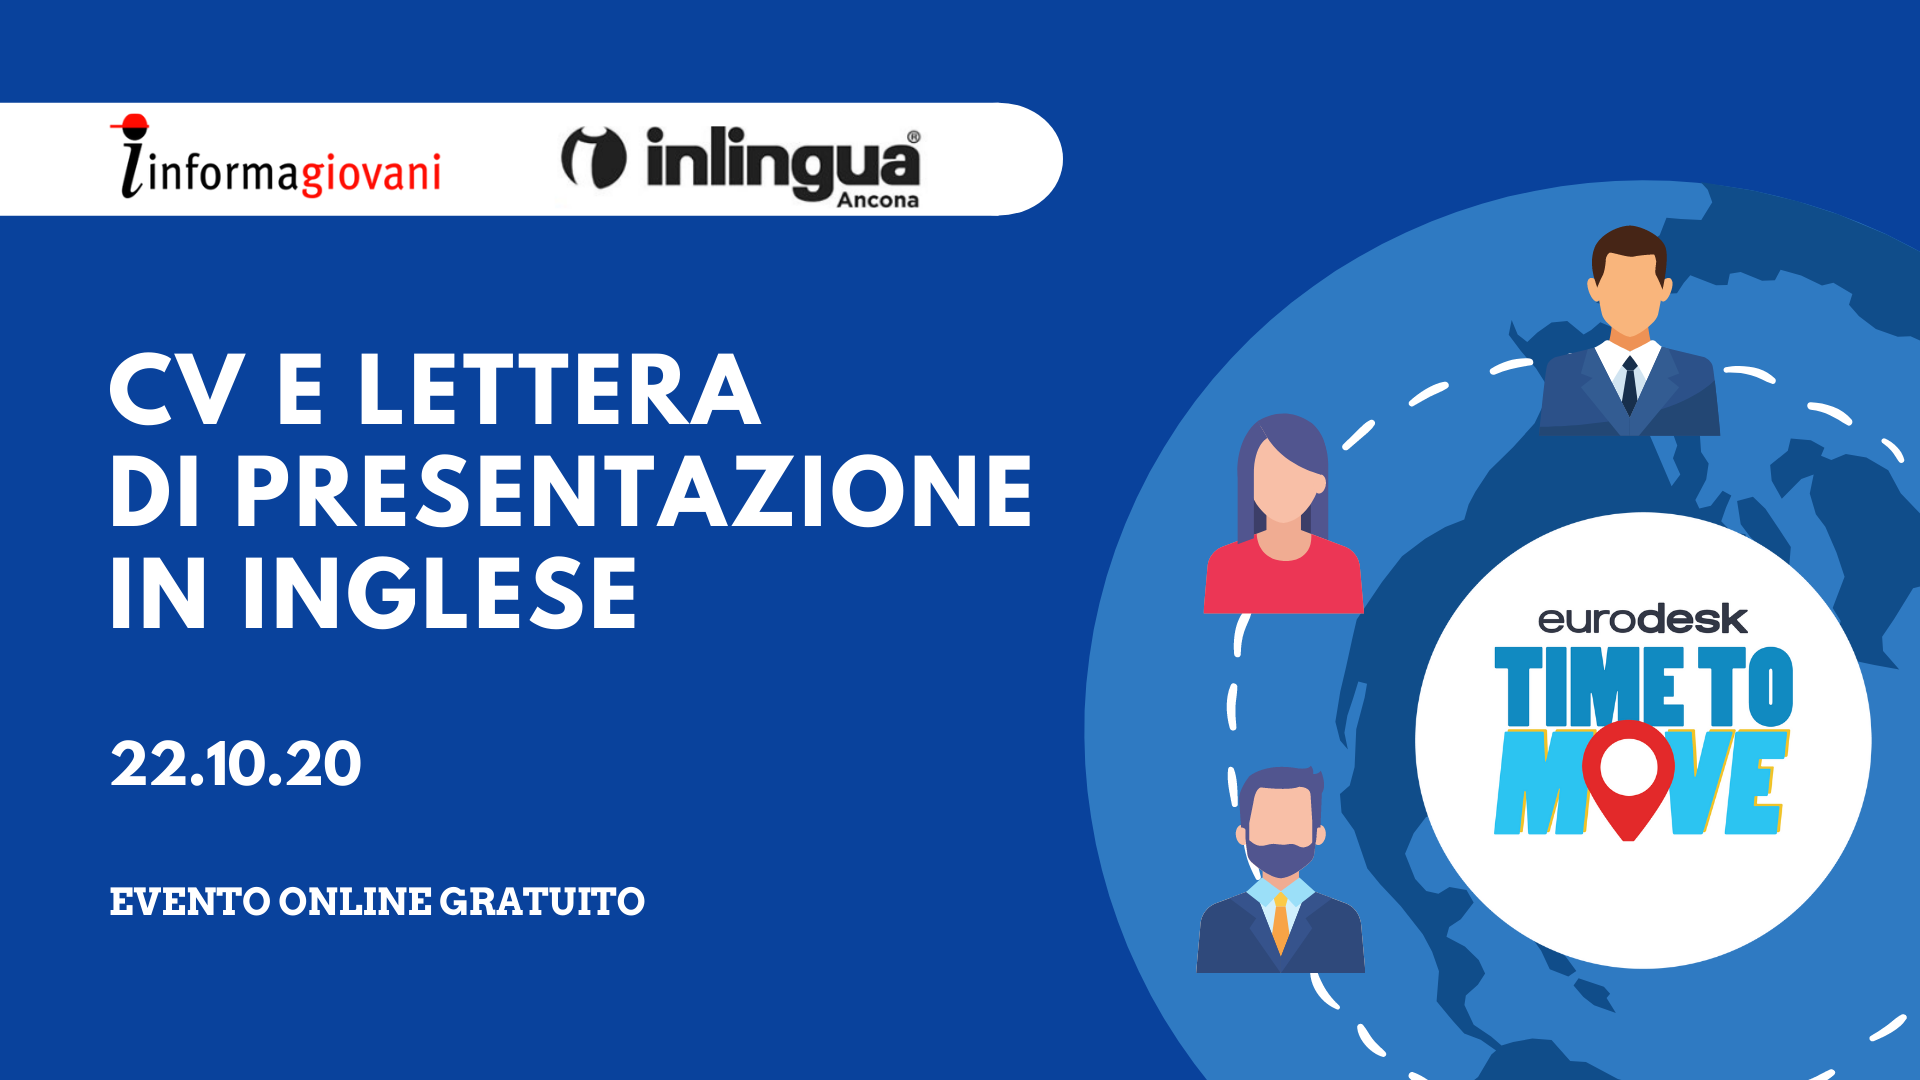 Cv E Lettera Di Presentazione In Inglese Informagiovani Ancona